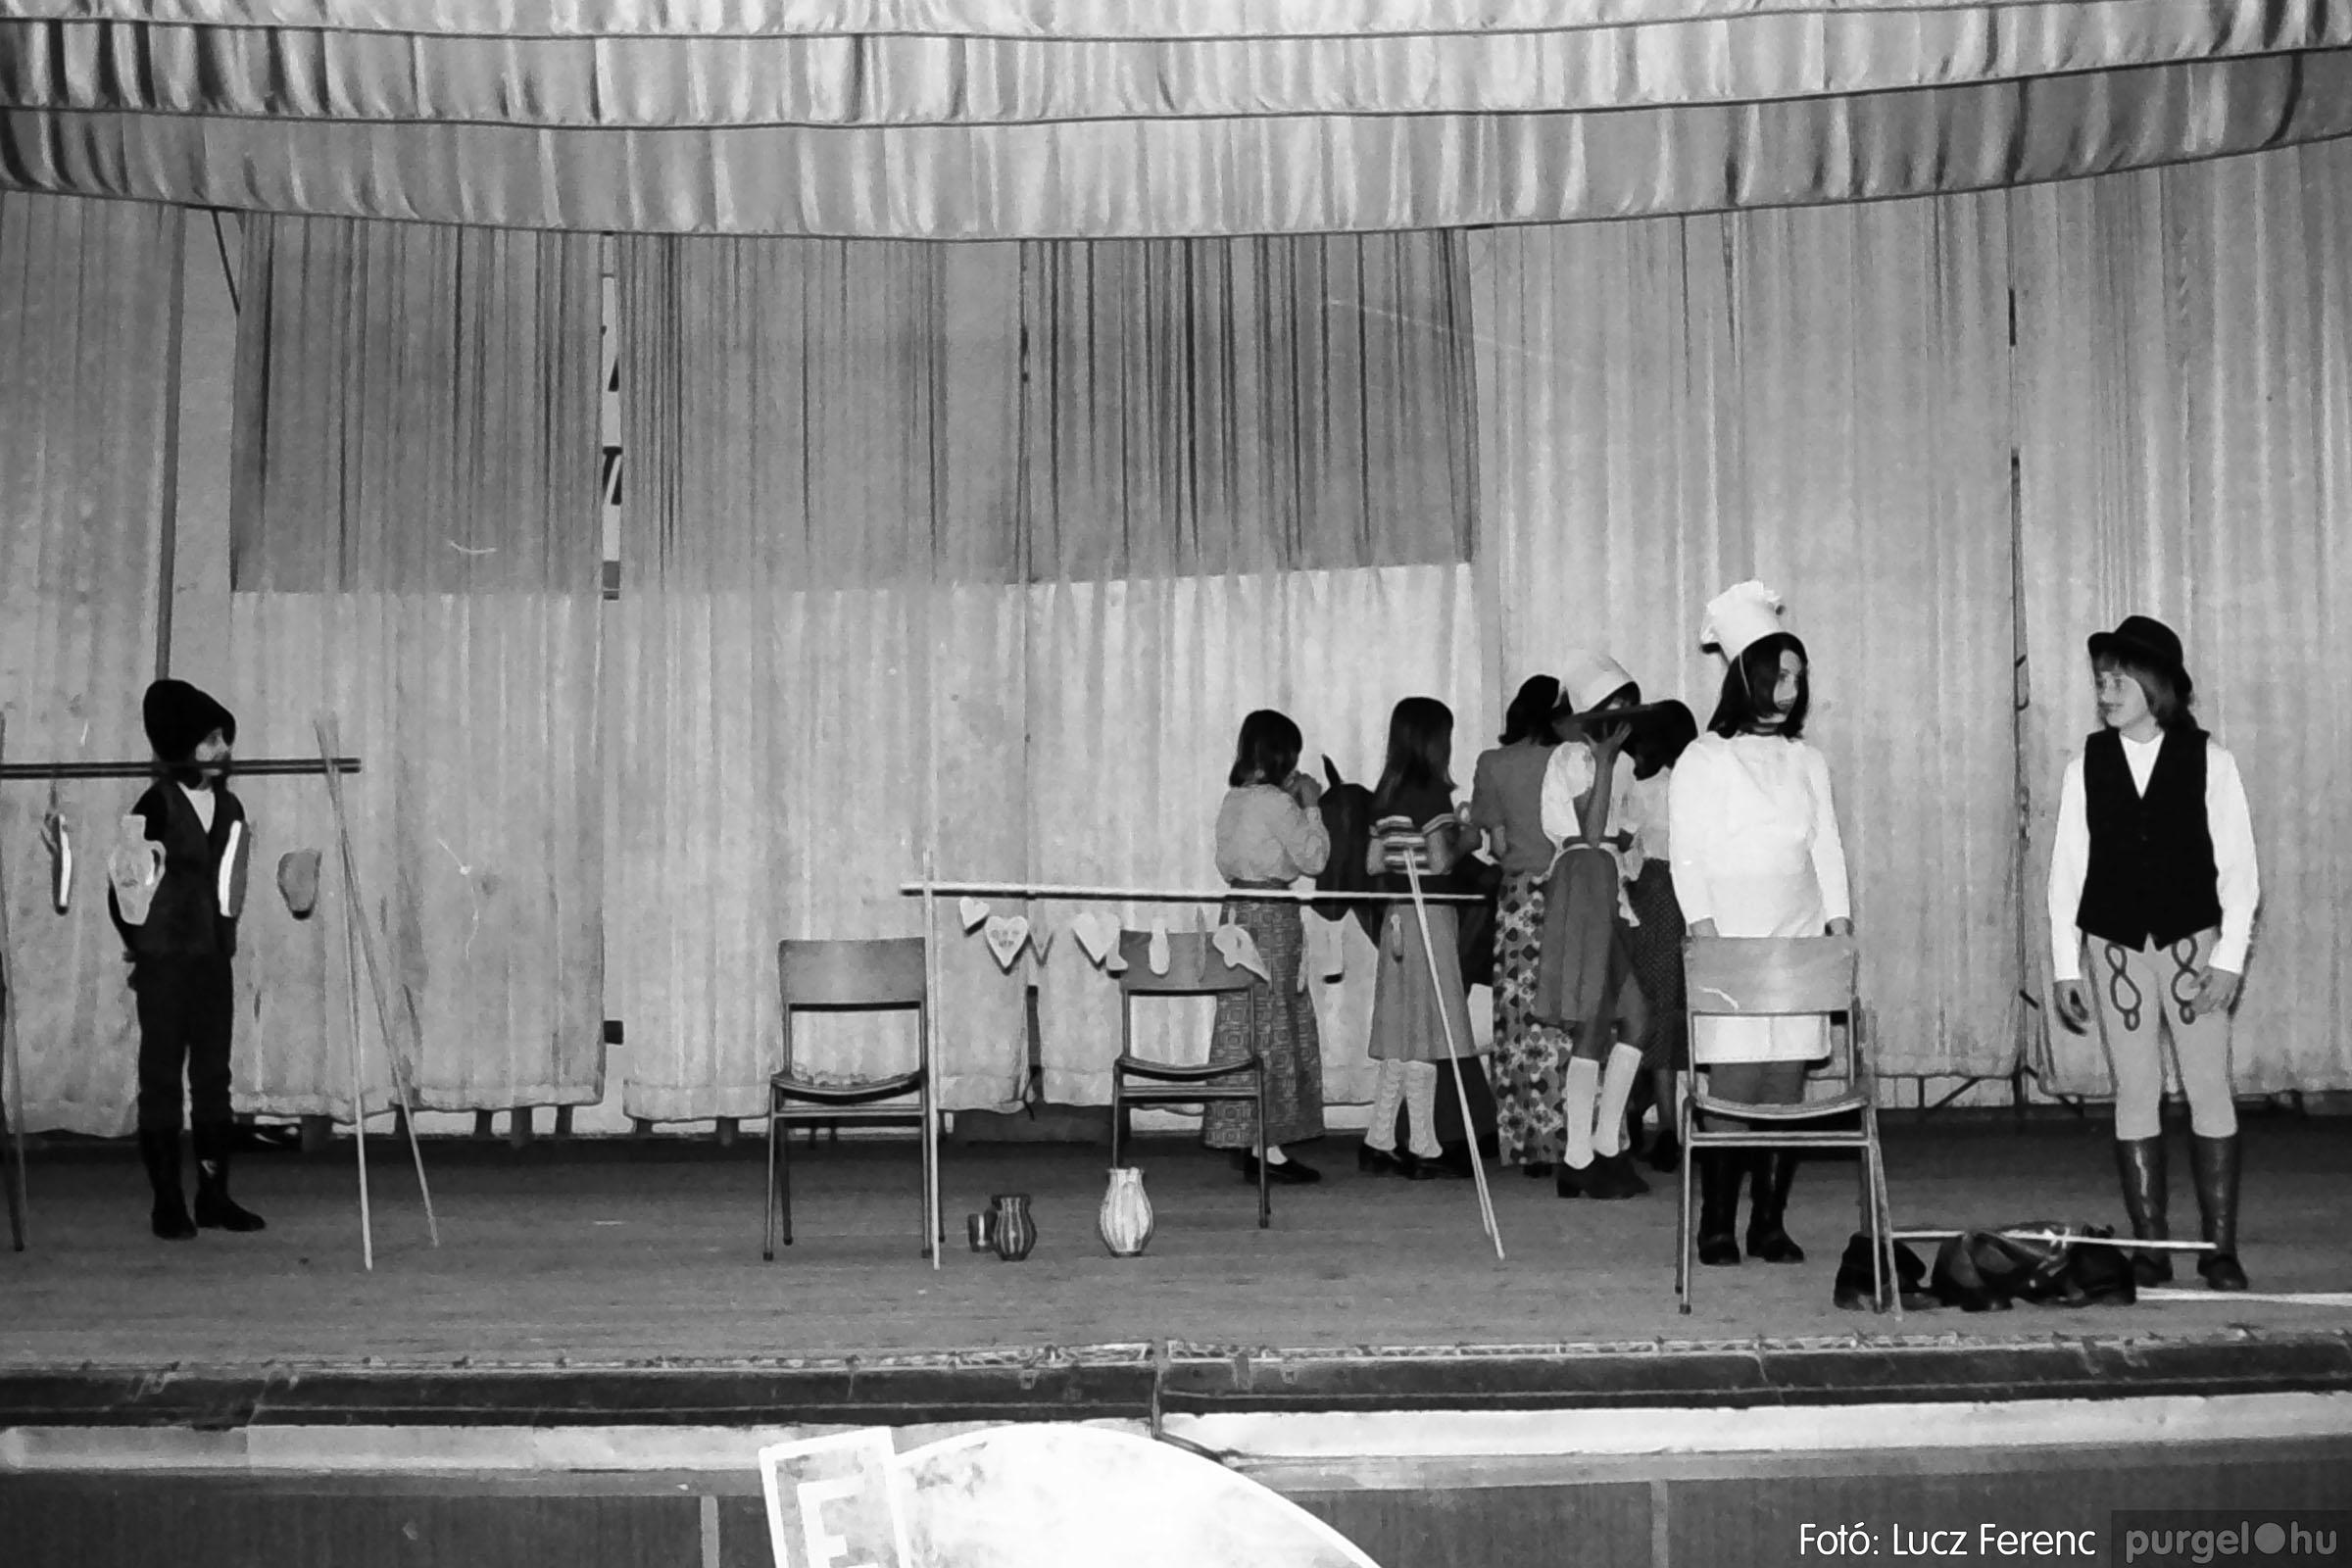 036-037. 1976. Diákprogram a kultúrházban 027 - Fotó: Lucz Ferenc.jpg